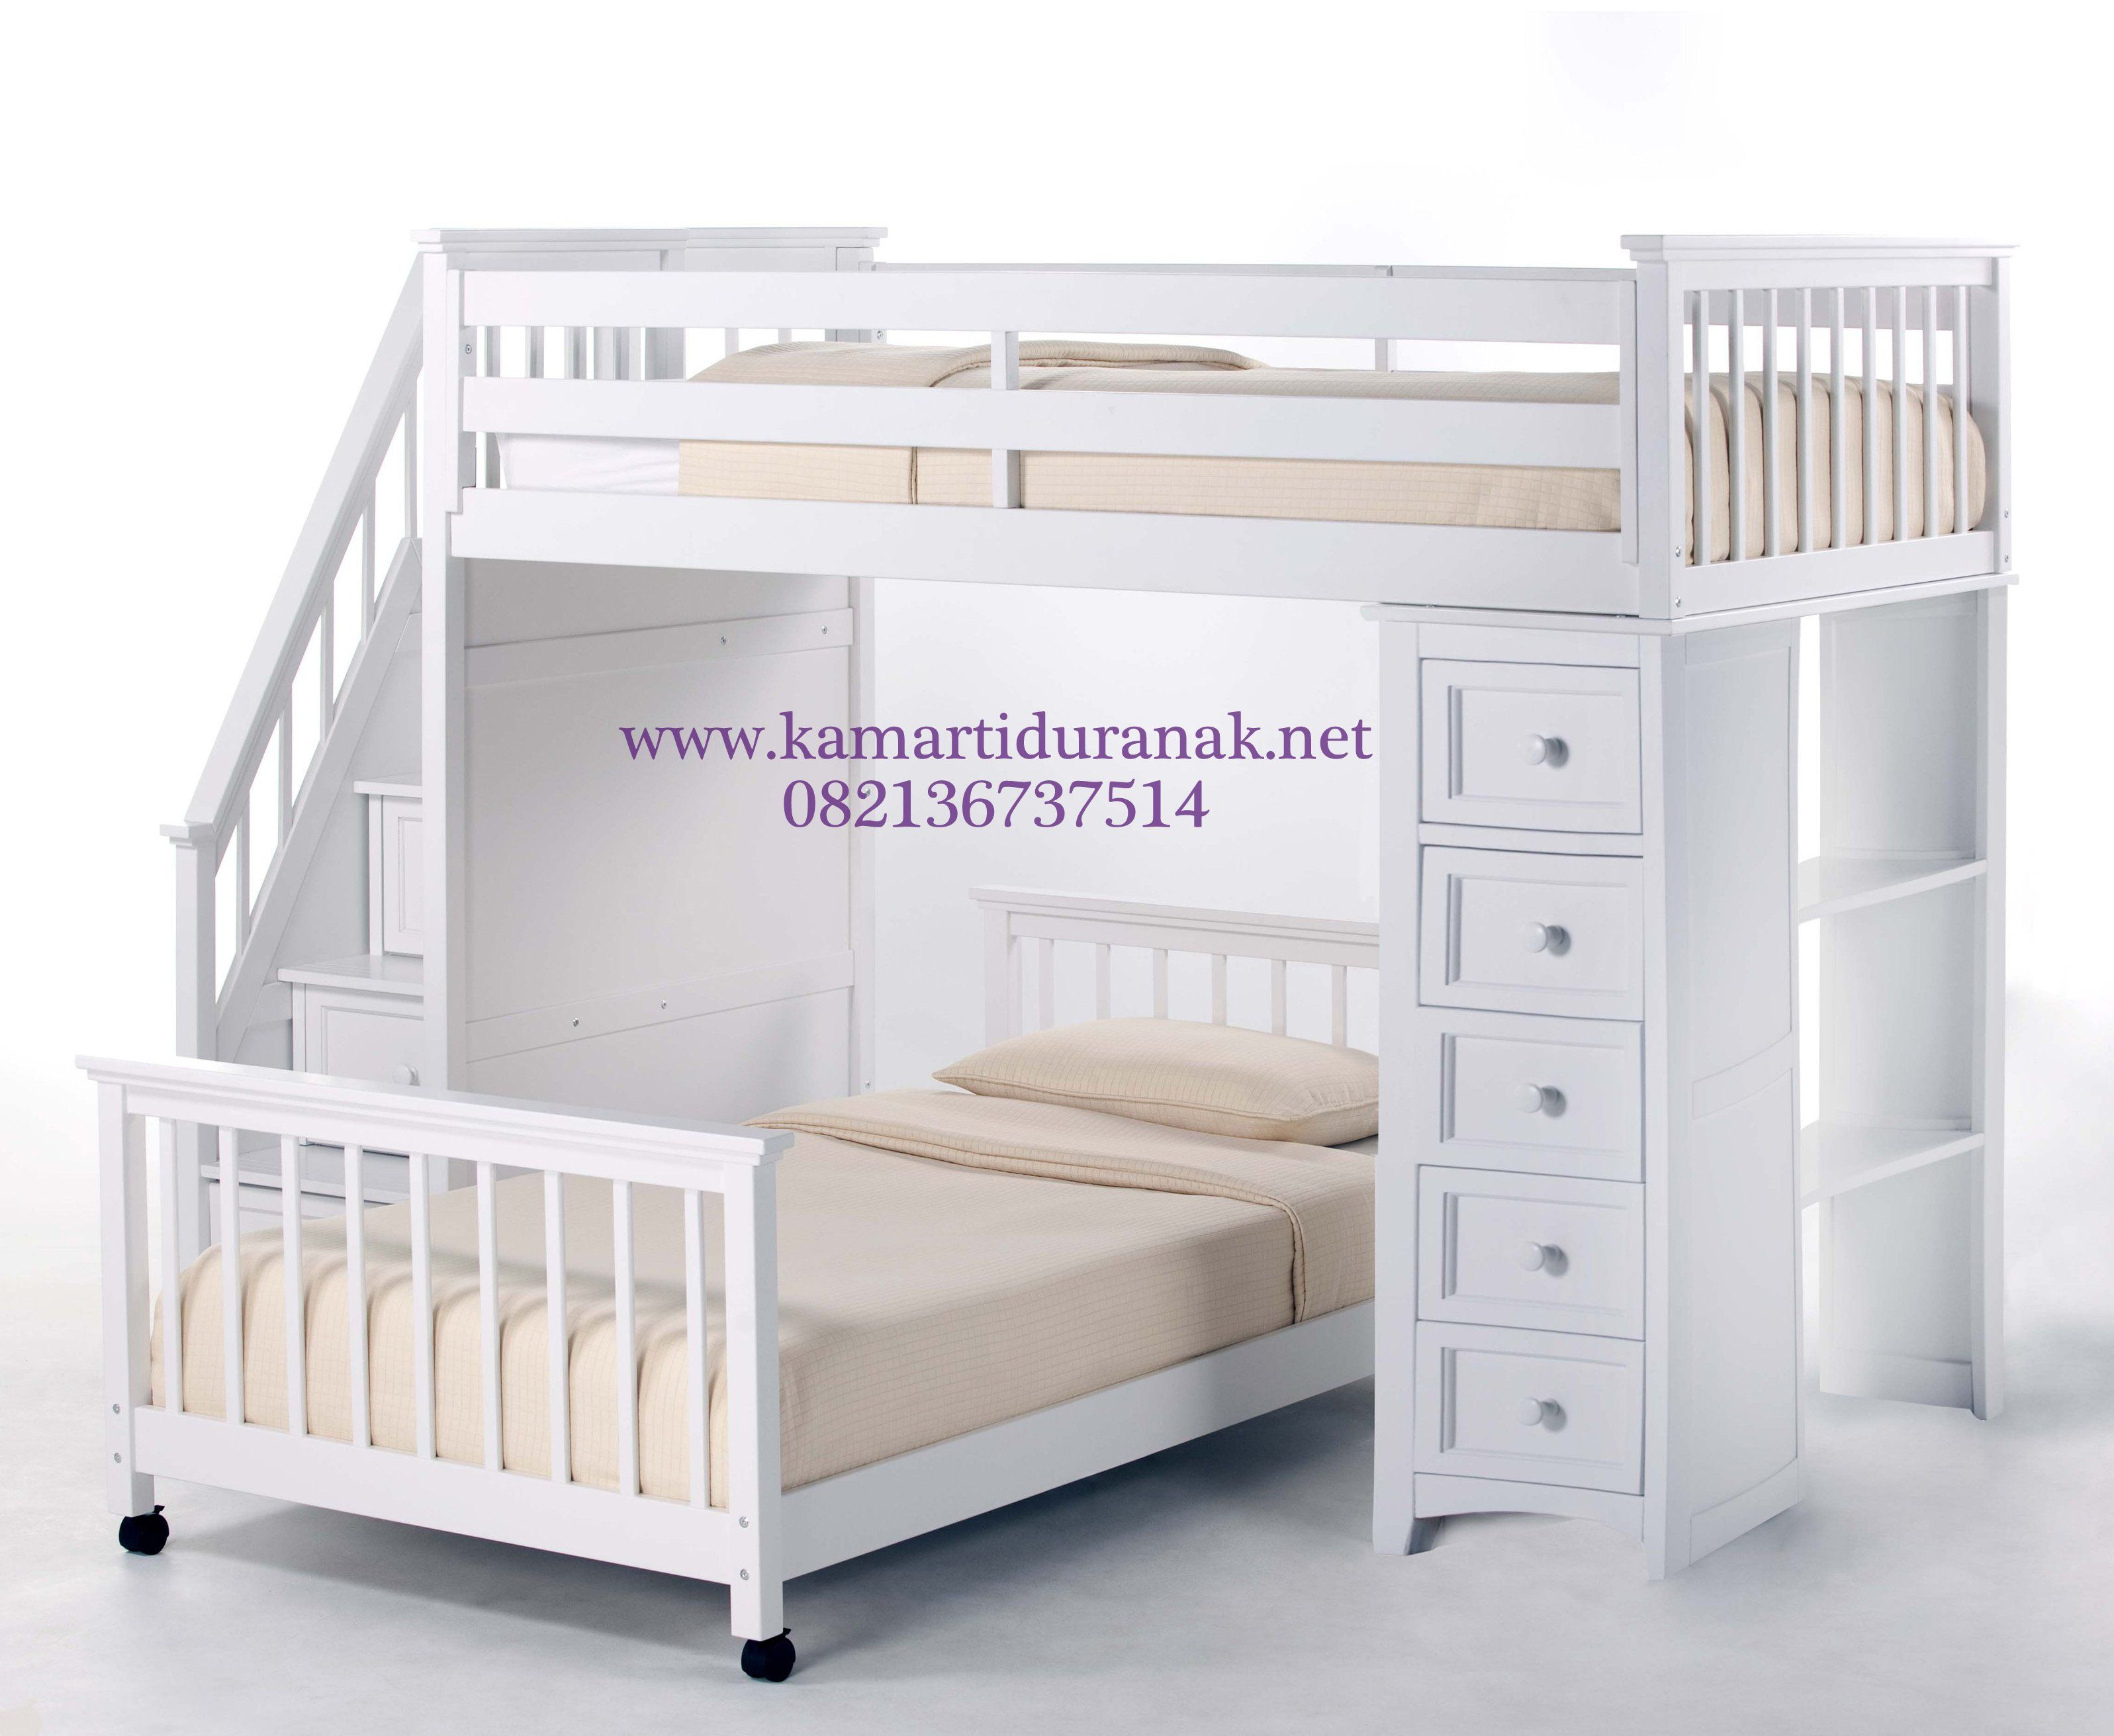 Harga Bunk Bed Minimalis Untuk Anak Perempuan Duco Carnelia - 9 functional and creative diy bunk beds for kids